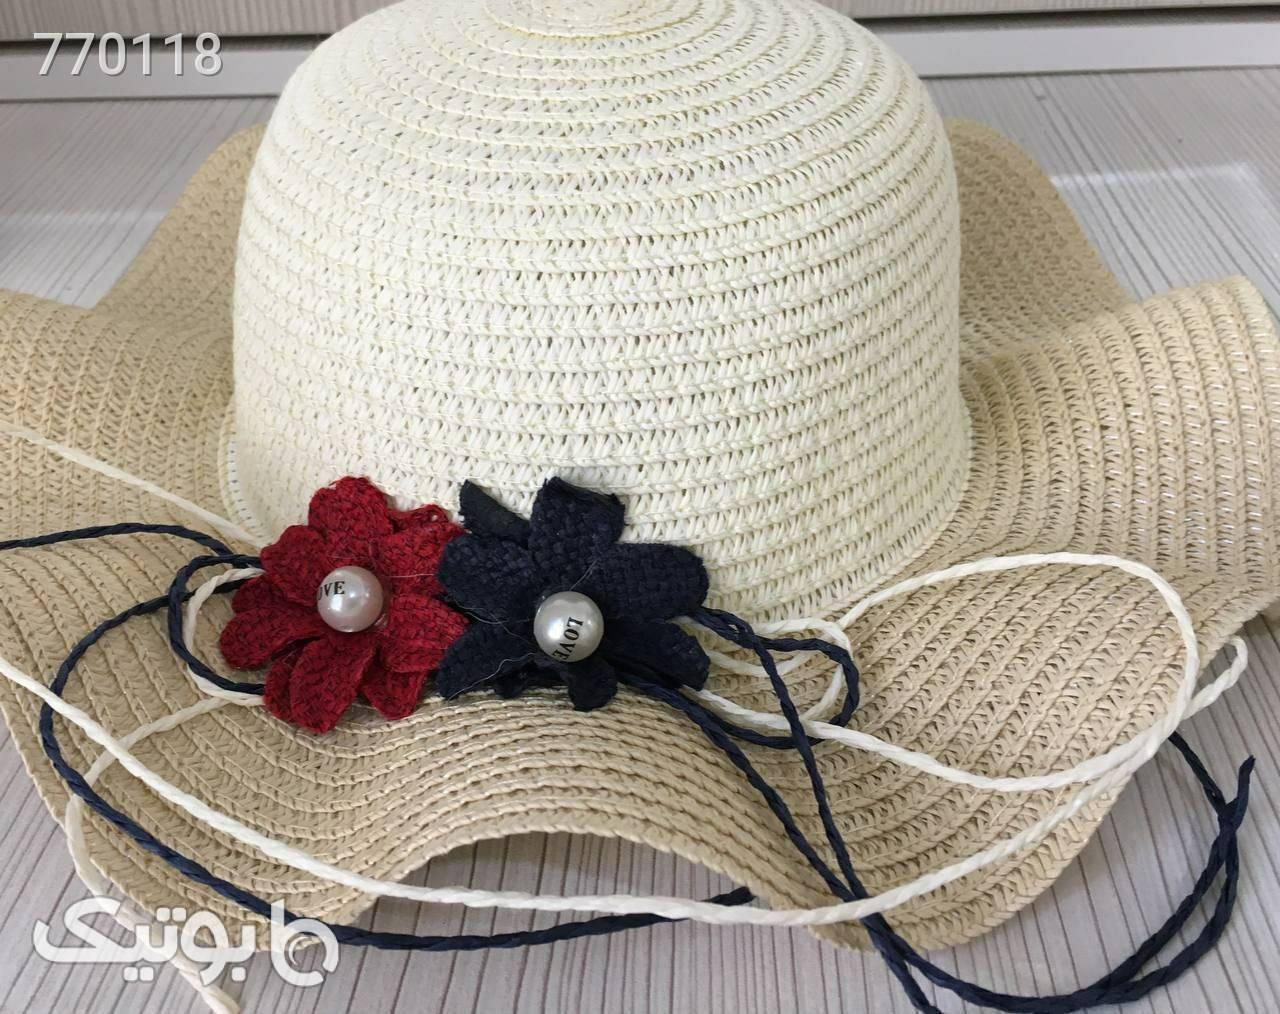 کلاه حصیر سبک و شیک دخترانه مشکی کلاه و اسکارف